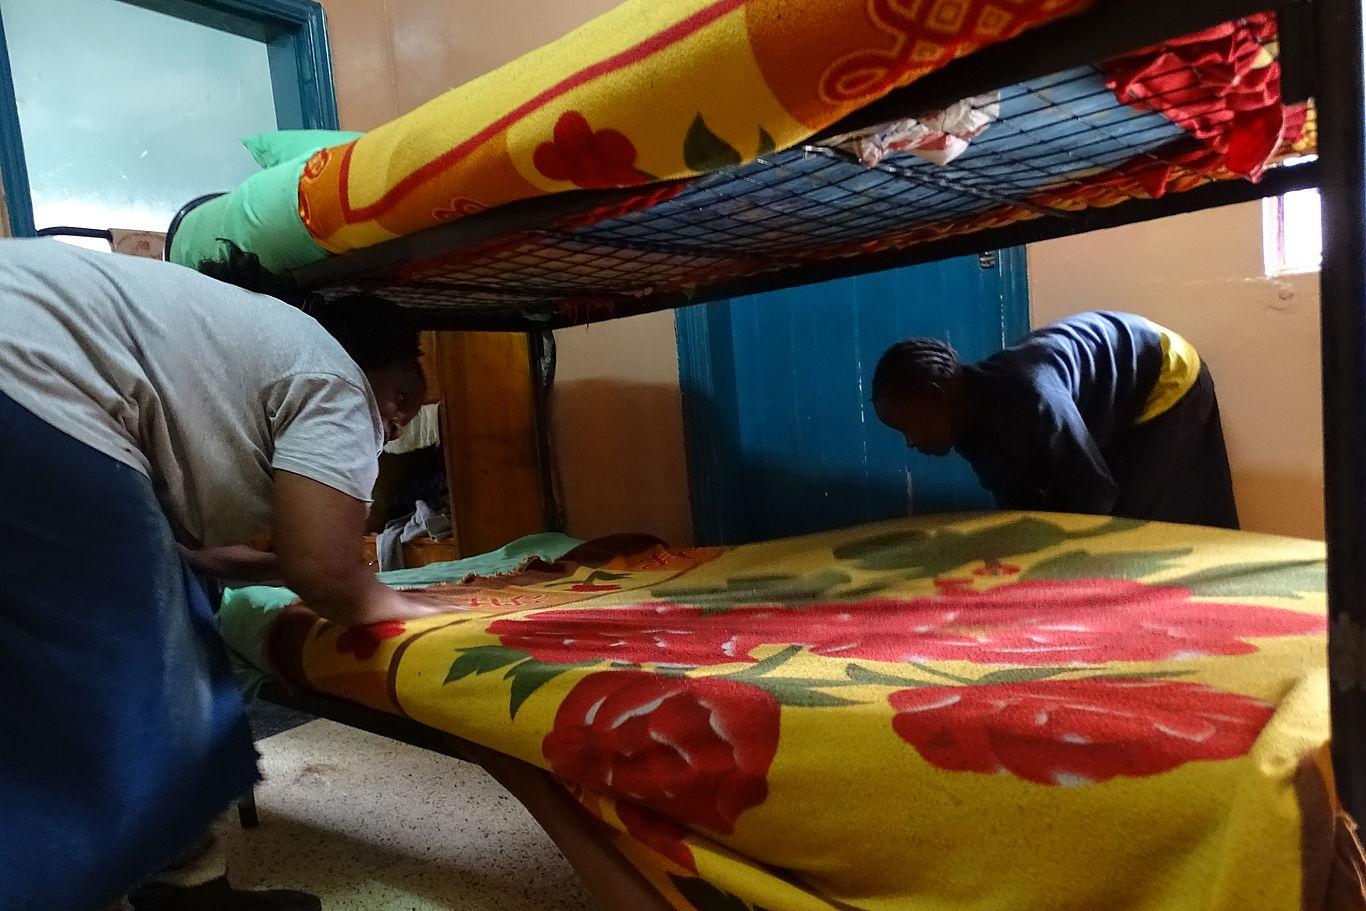 kenia schutz f r m dchen dreik nigsaktion hilfswerk der katholischen jungschar. Black Bedroom Furniture Sets. Home Design Ideas